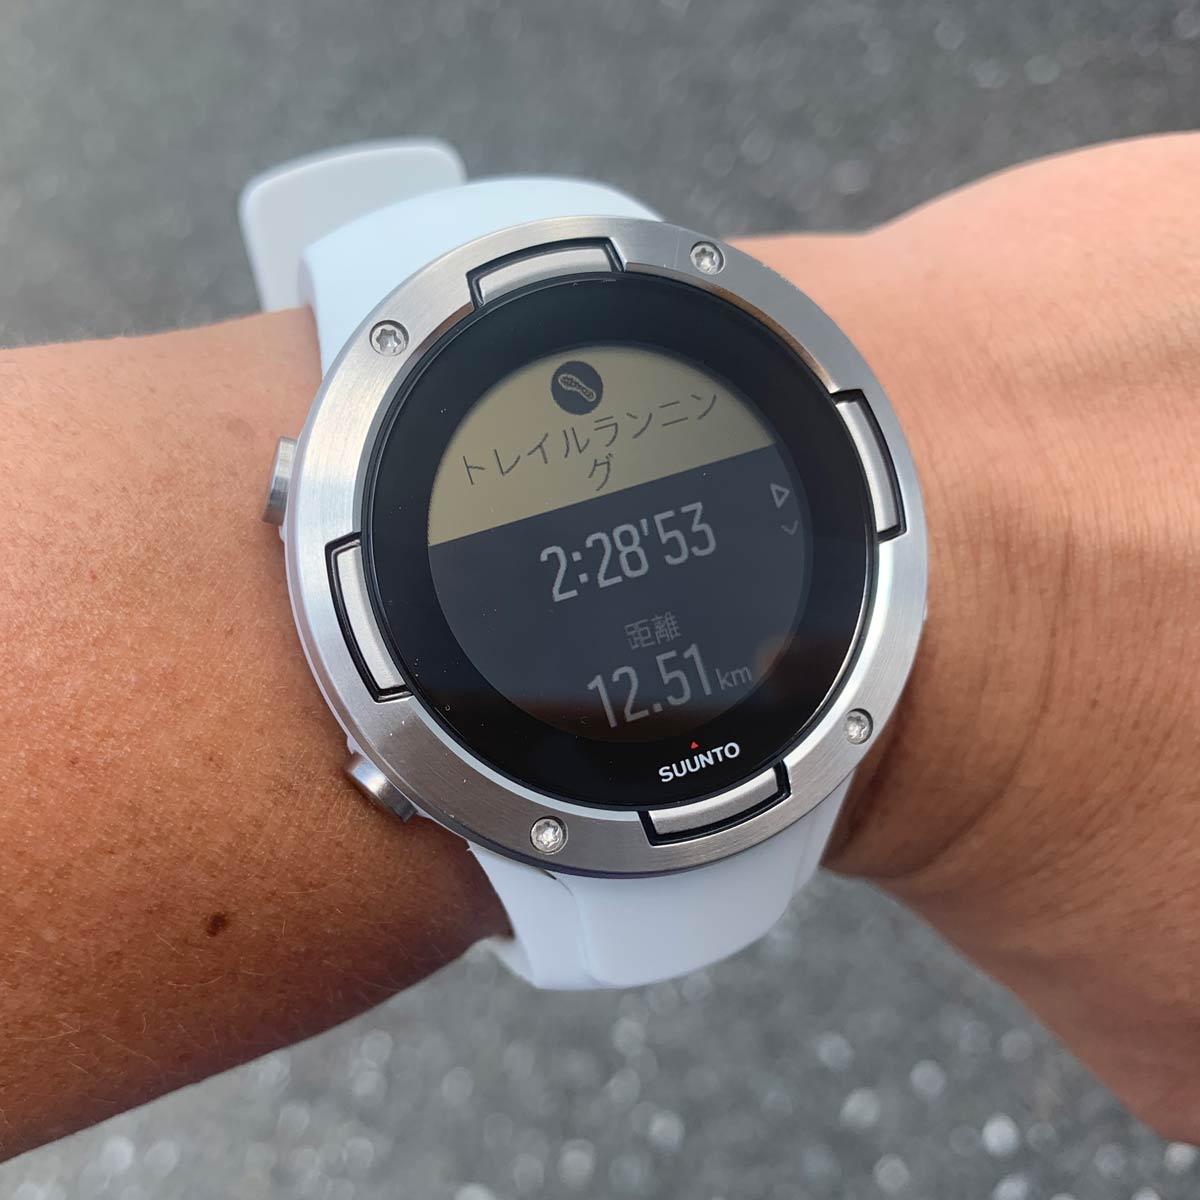 GPSウオッチ「スント5」はお手頃価格なのに高級感がハンパない!